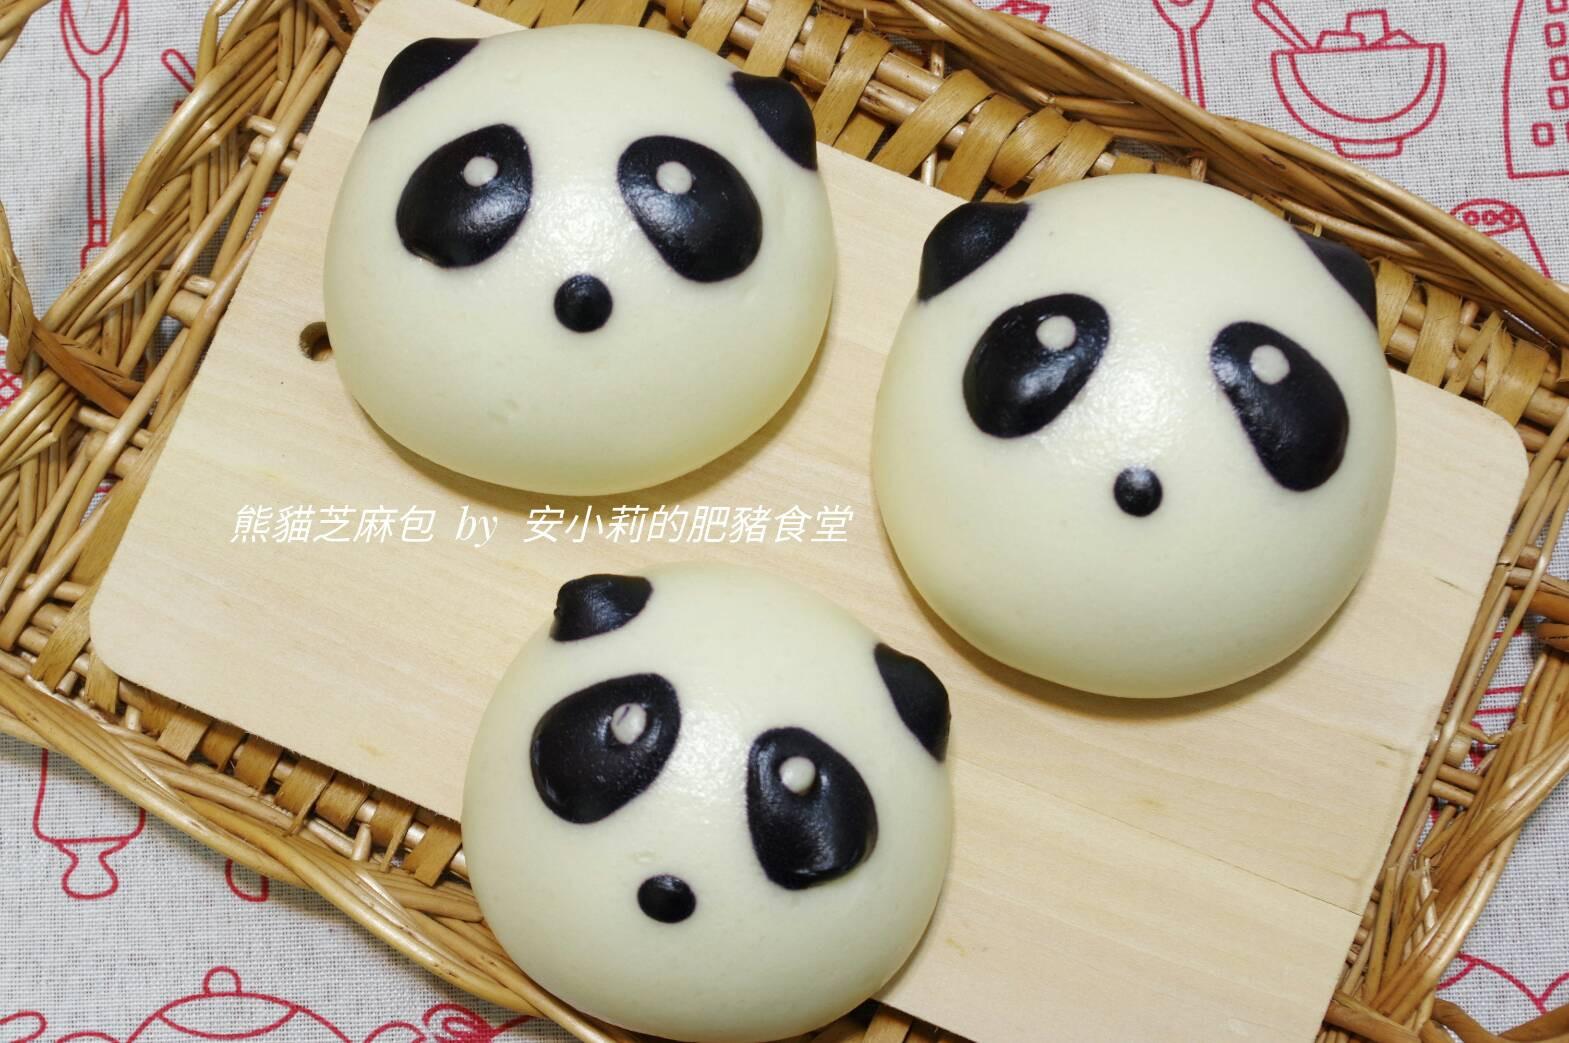 熊貓芝麻包